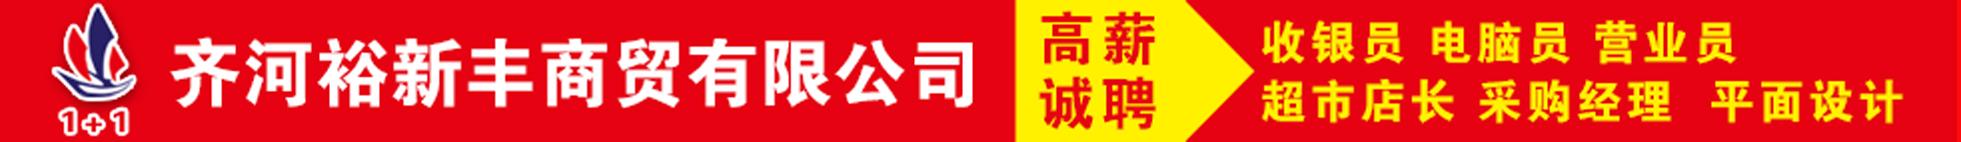 山东齐河县裕新丰商贸有限公司(1+1超市)